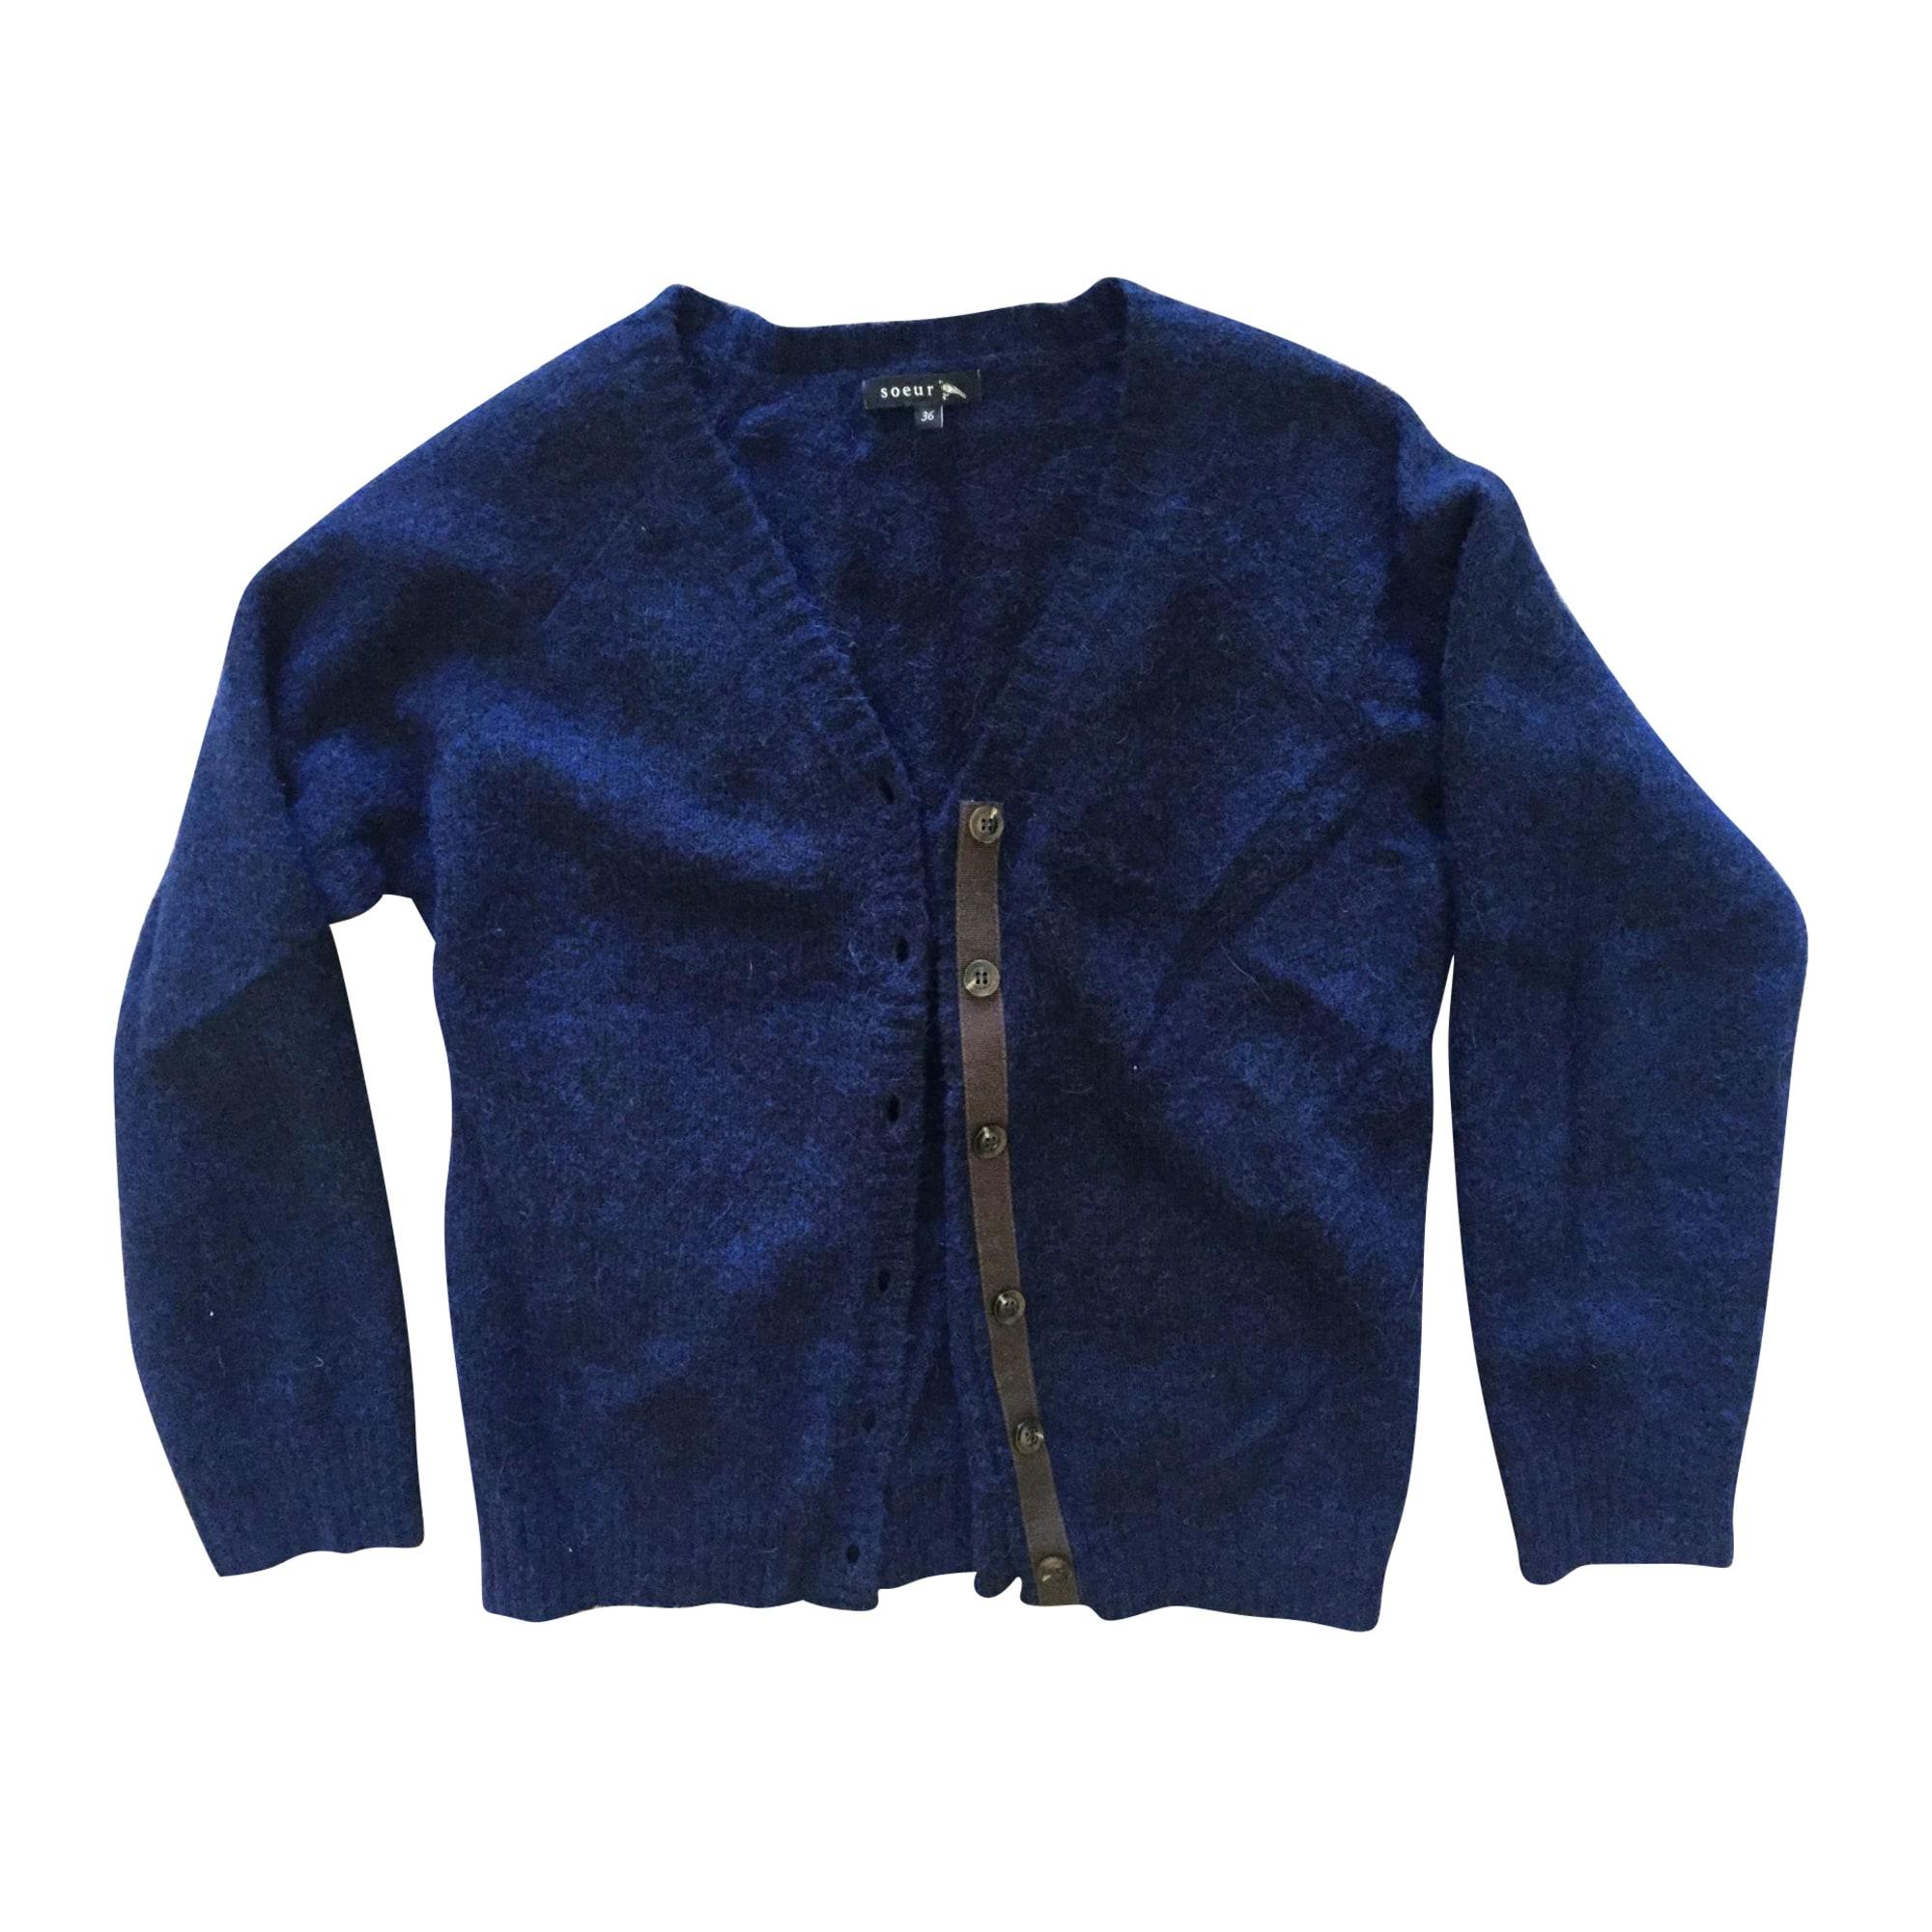 Gilet, cardigan SOEUR Bleu, bleu marine, bleu turquoise